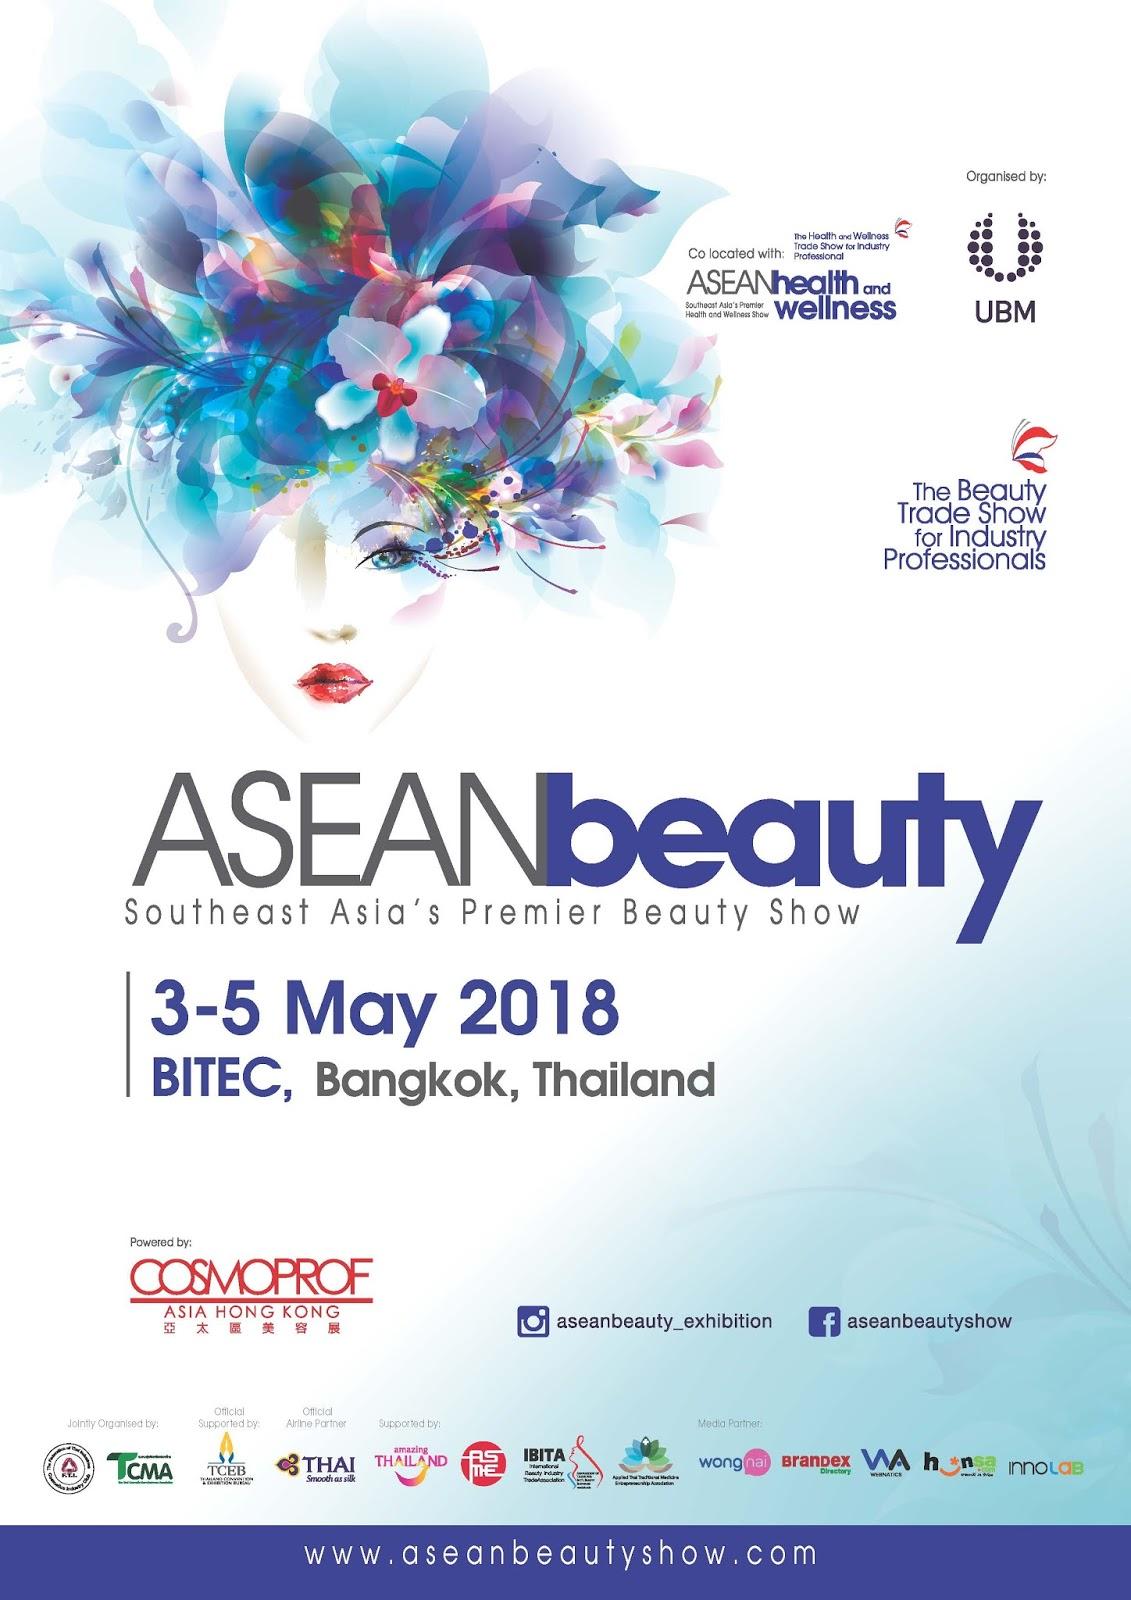 """ยูบีเอ็ม เชิญร่วมงาน """"ASEANbeauty 2018""""  งานแสดงสินค้าความงามและสุขภาพ  ที่ยิ่งใหญ่ที่สุดในภูมิภาค"""